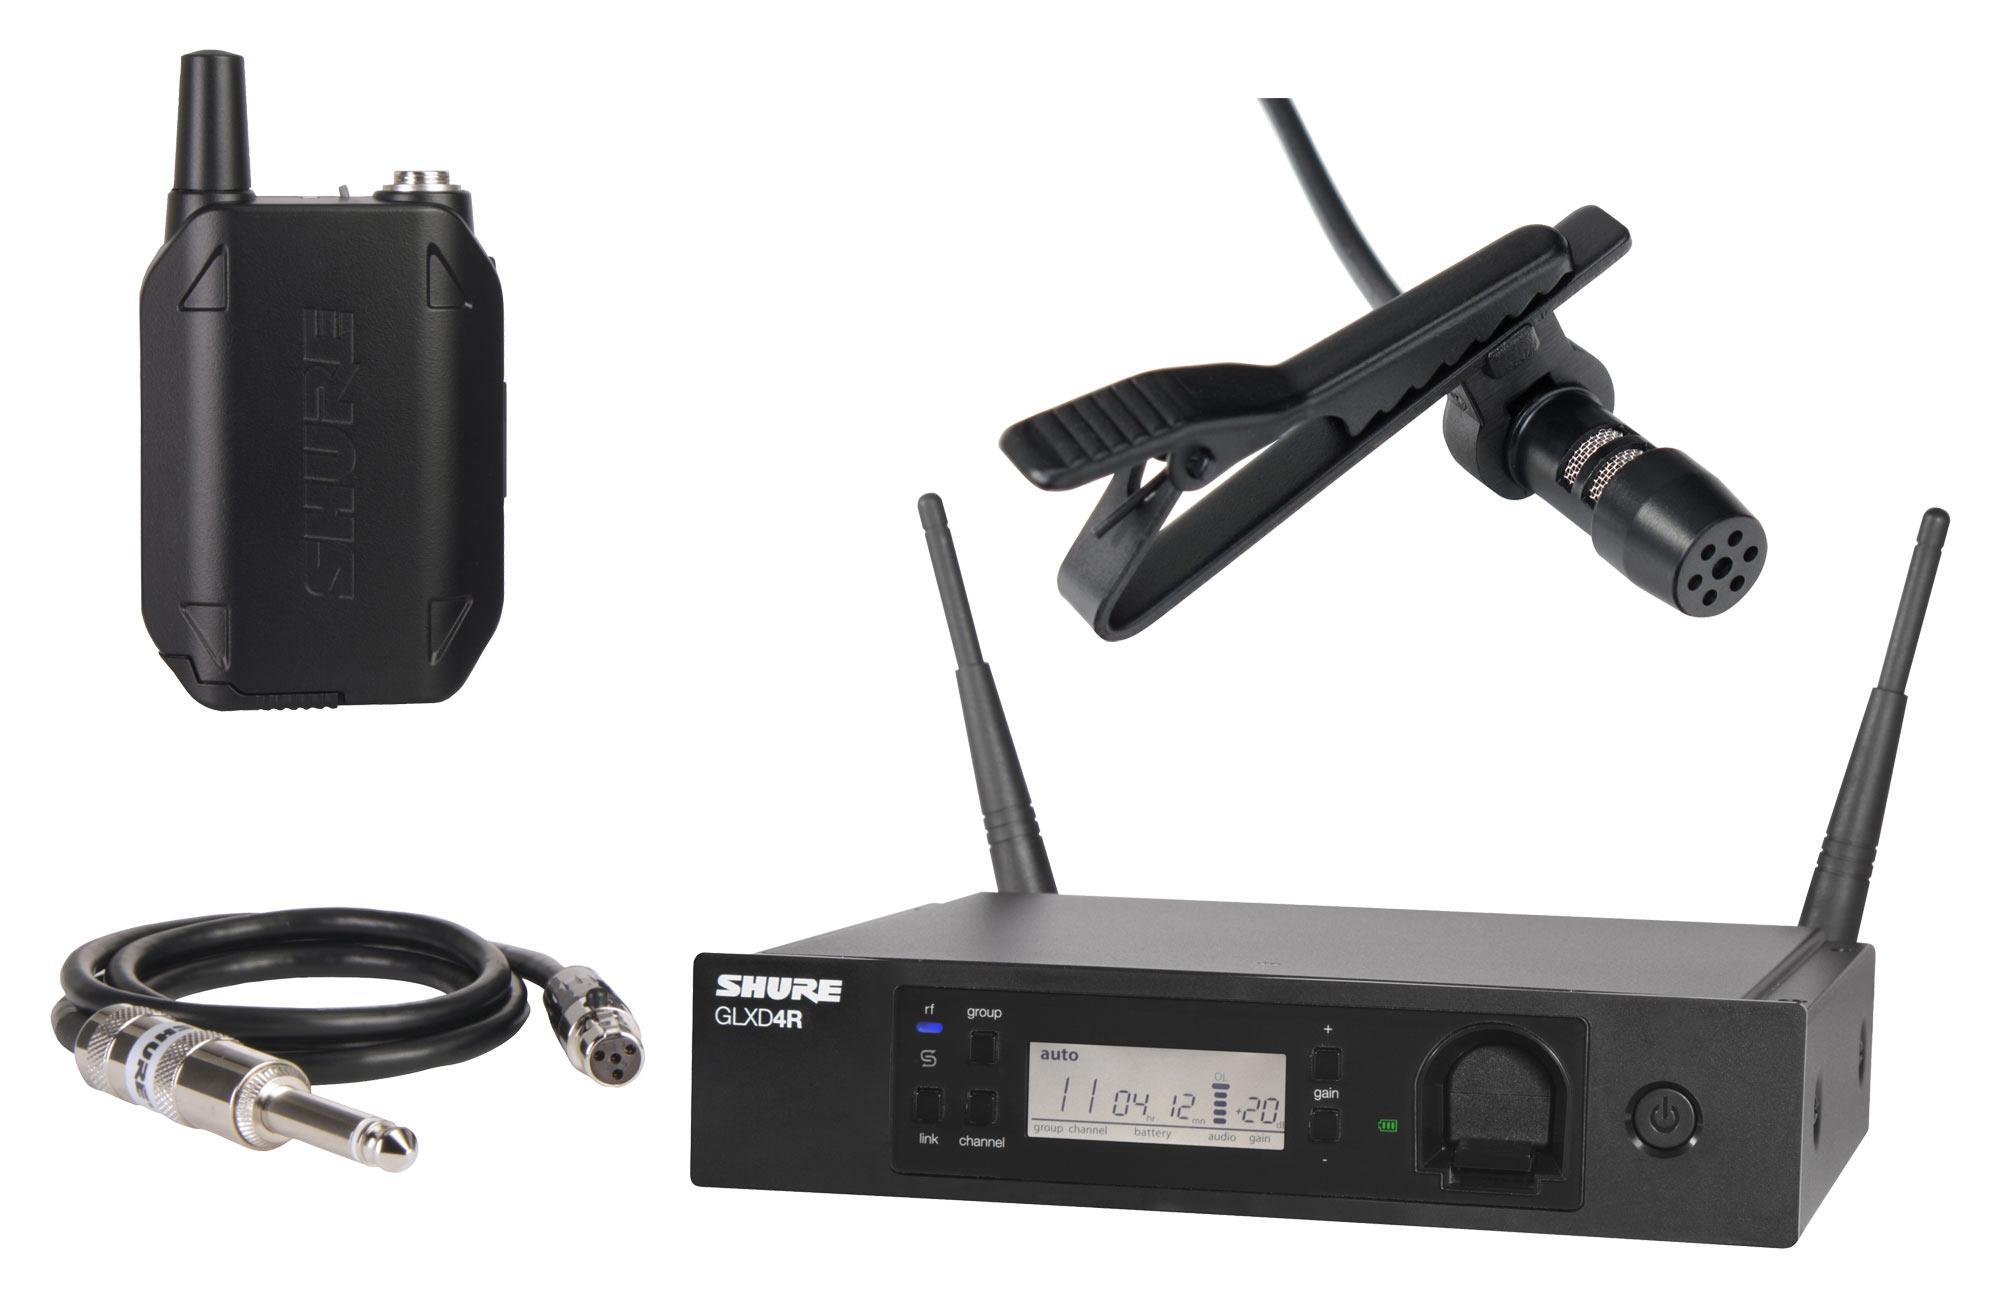 Shure GLXD14R Digital Funksystem Set inkl. LA 30 Lavaliermikrofon